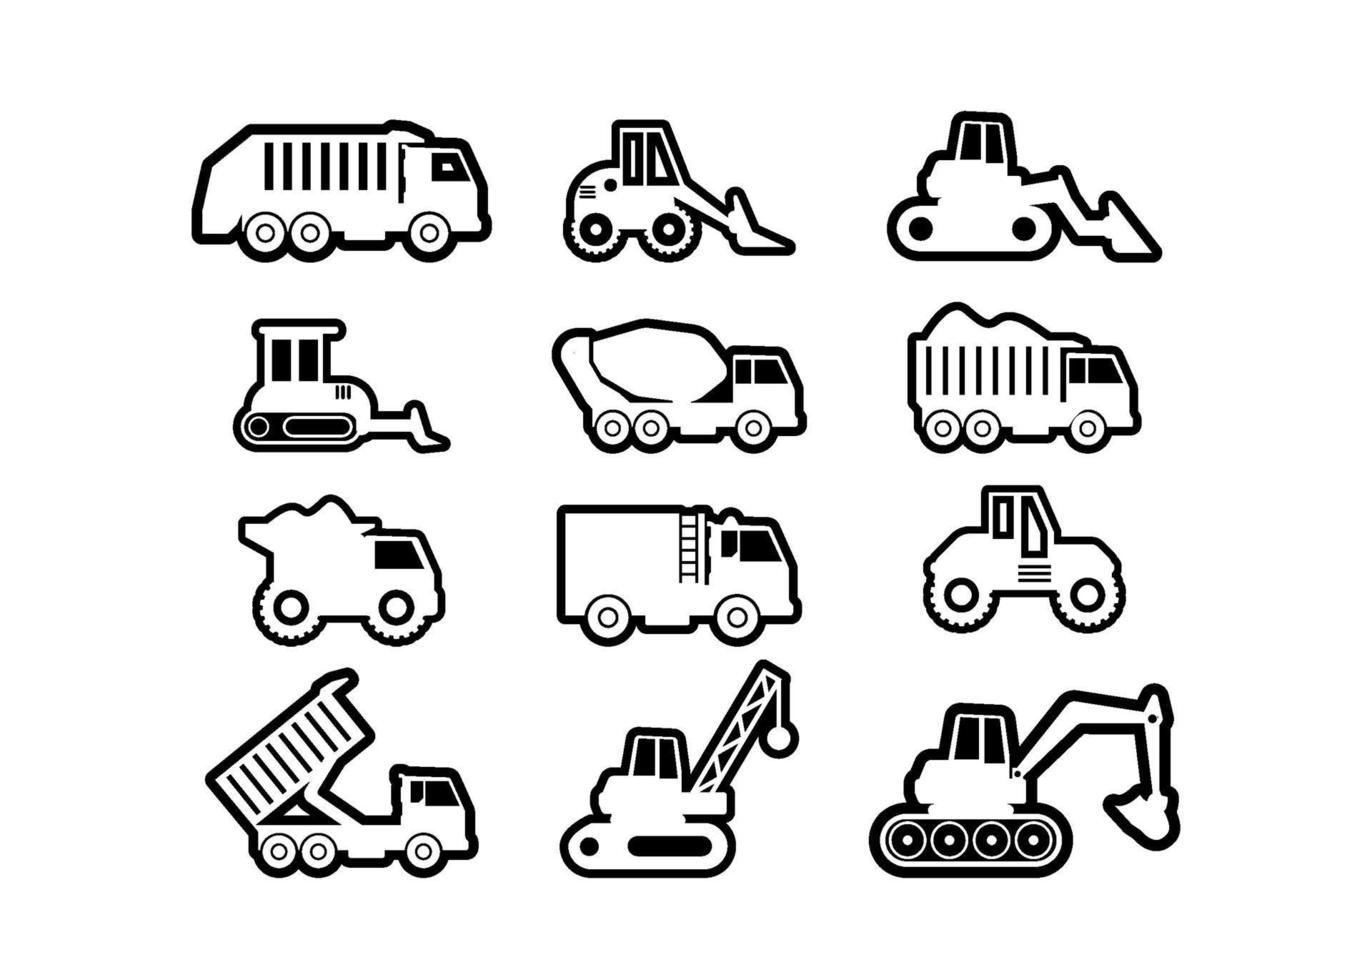 tung fordon ikon illustration vektor uppsättning